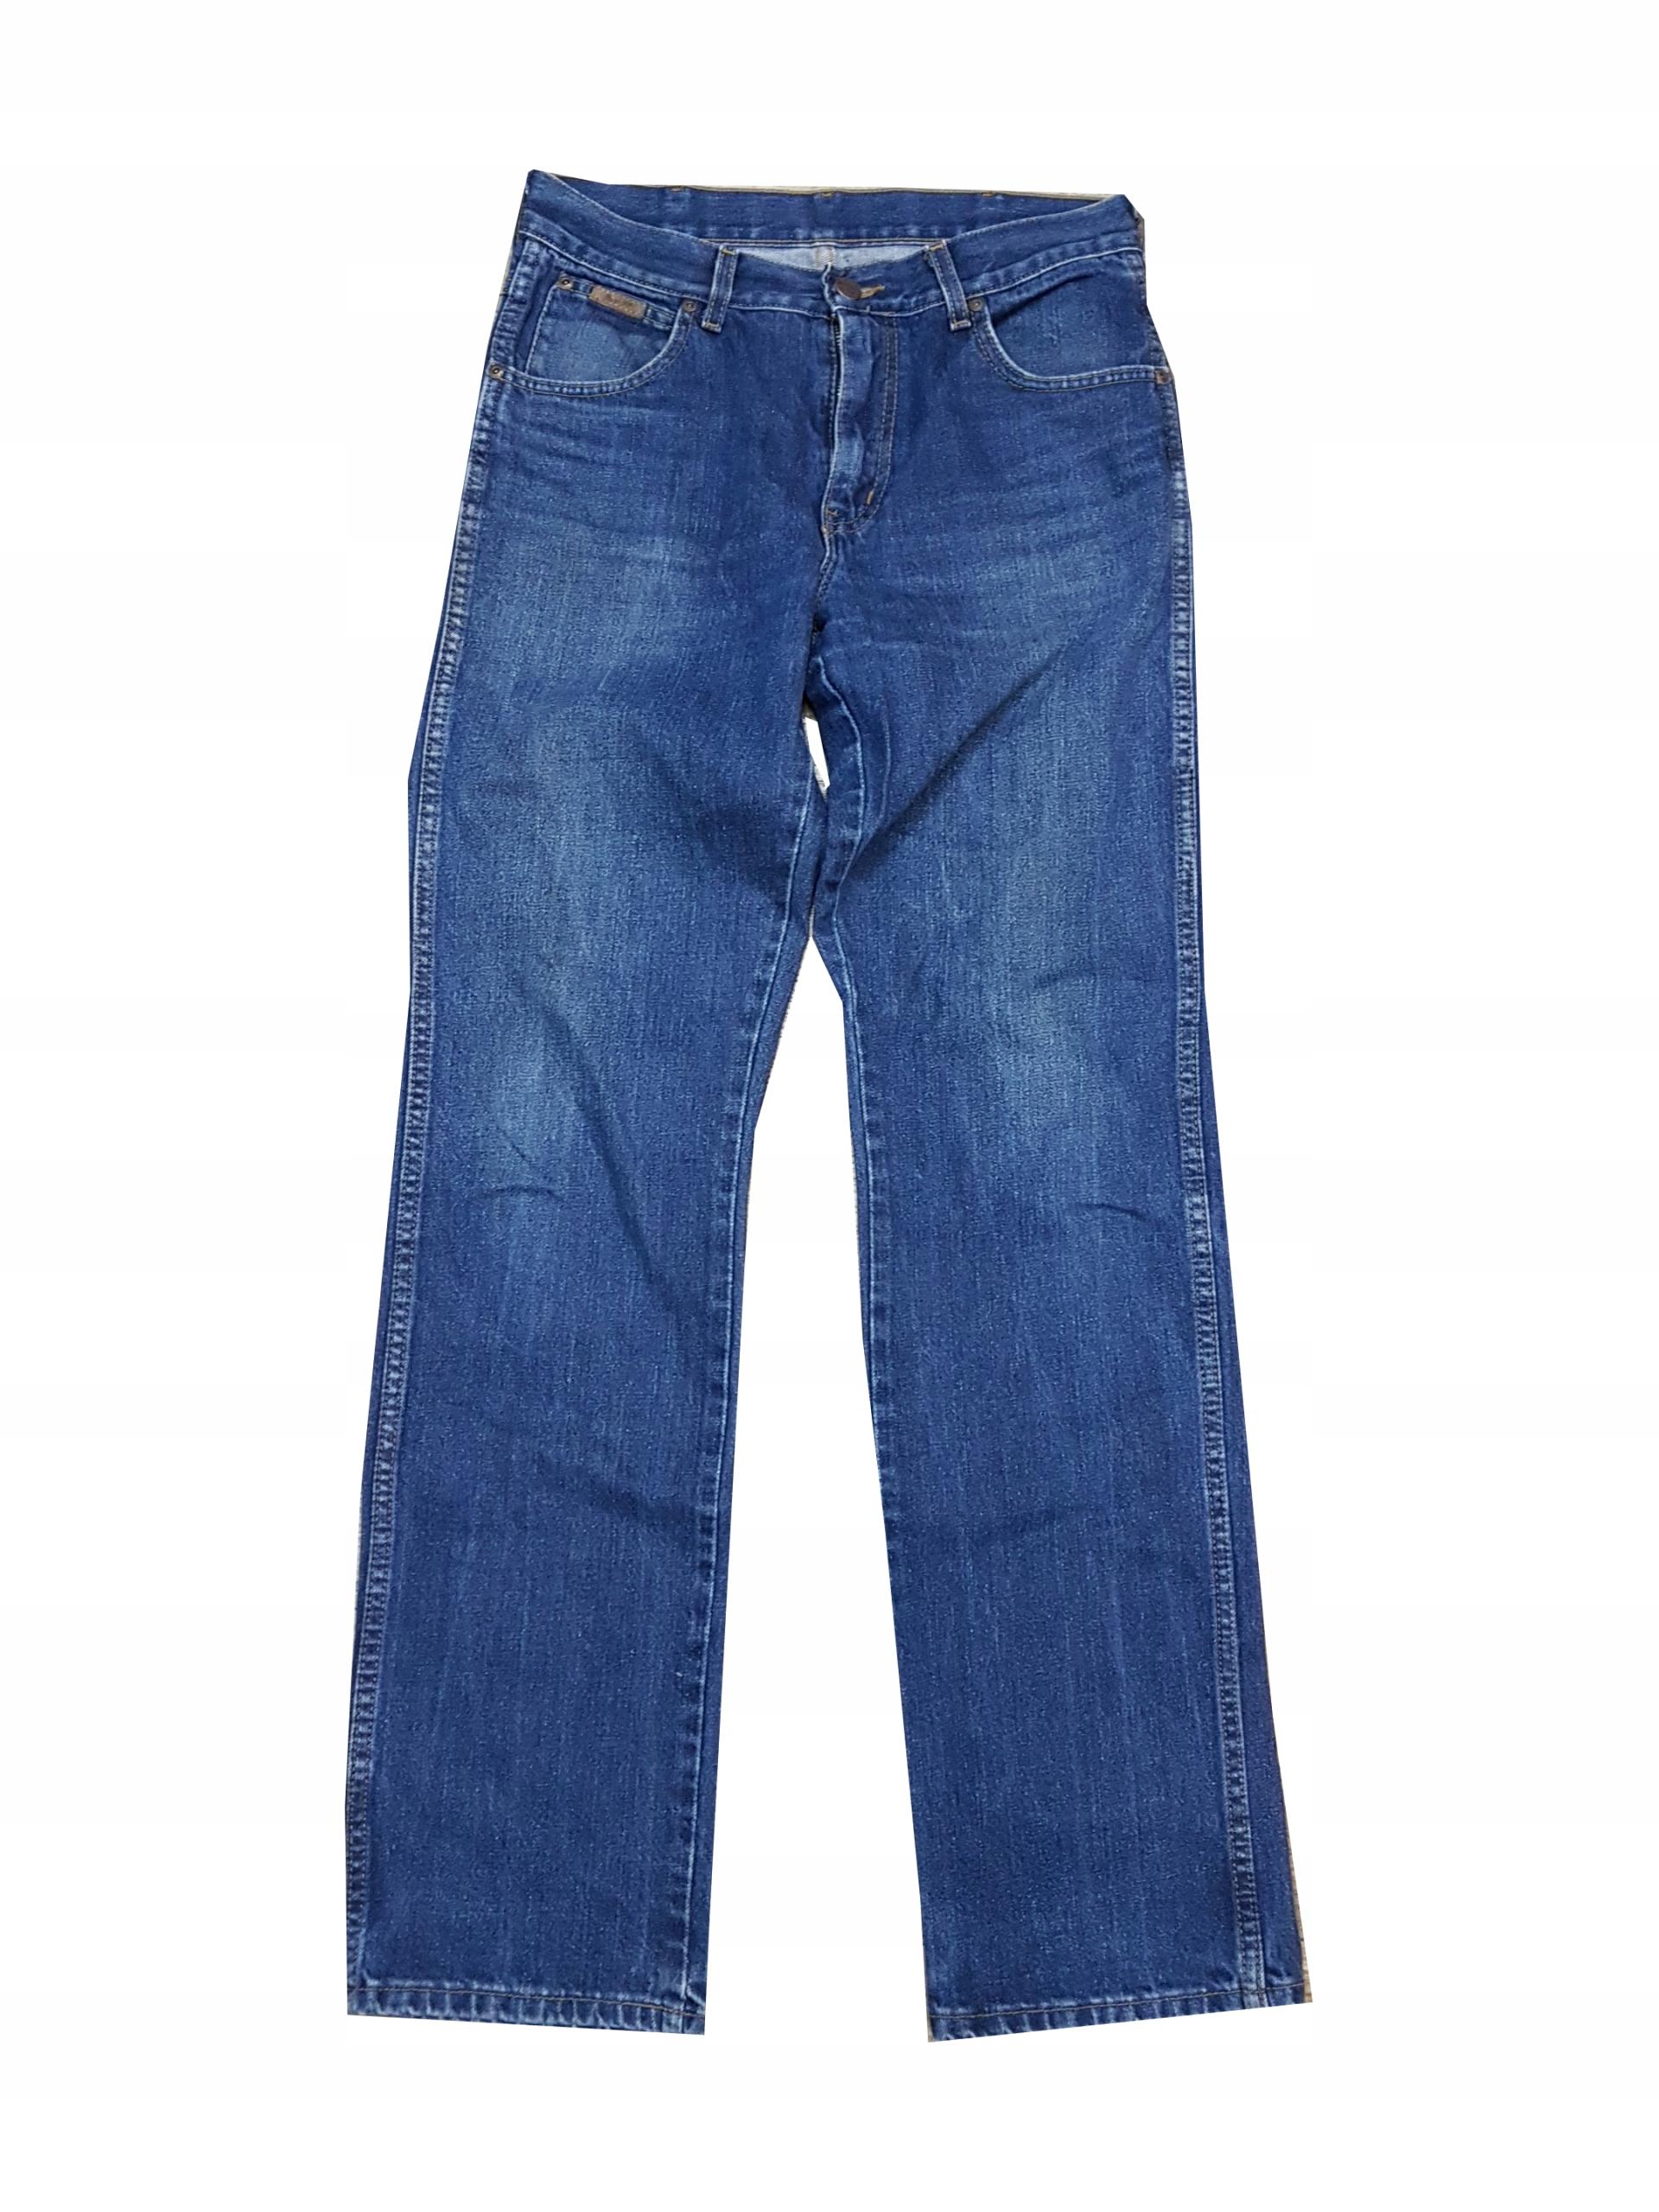 WRANGLER Klasyczne jeansy 32/34 pas 80 cm